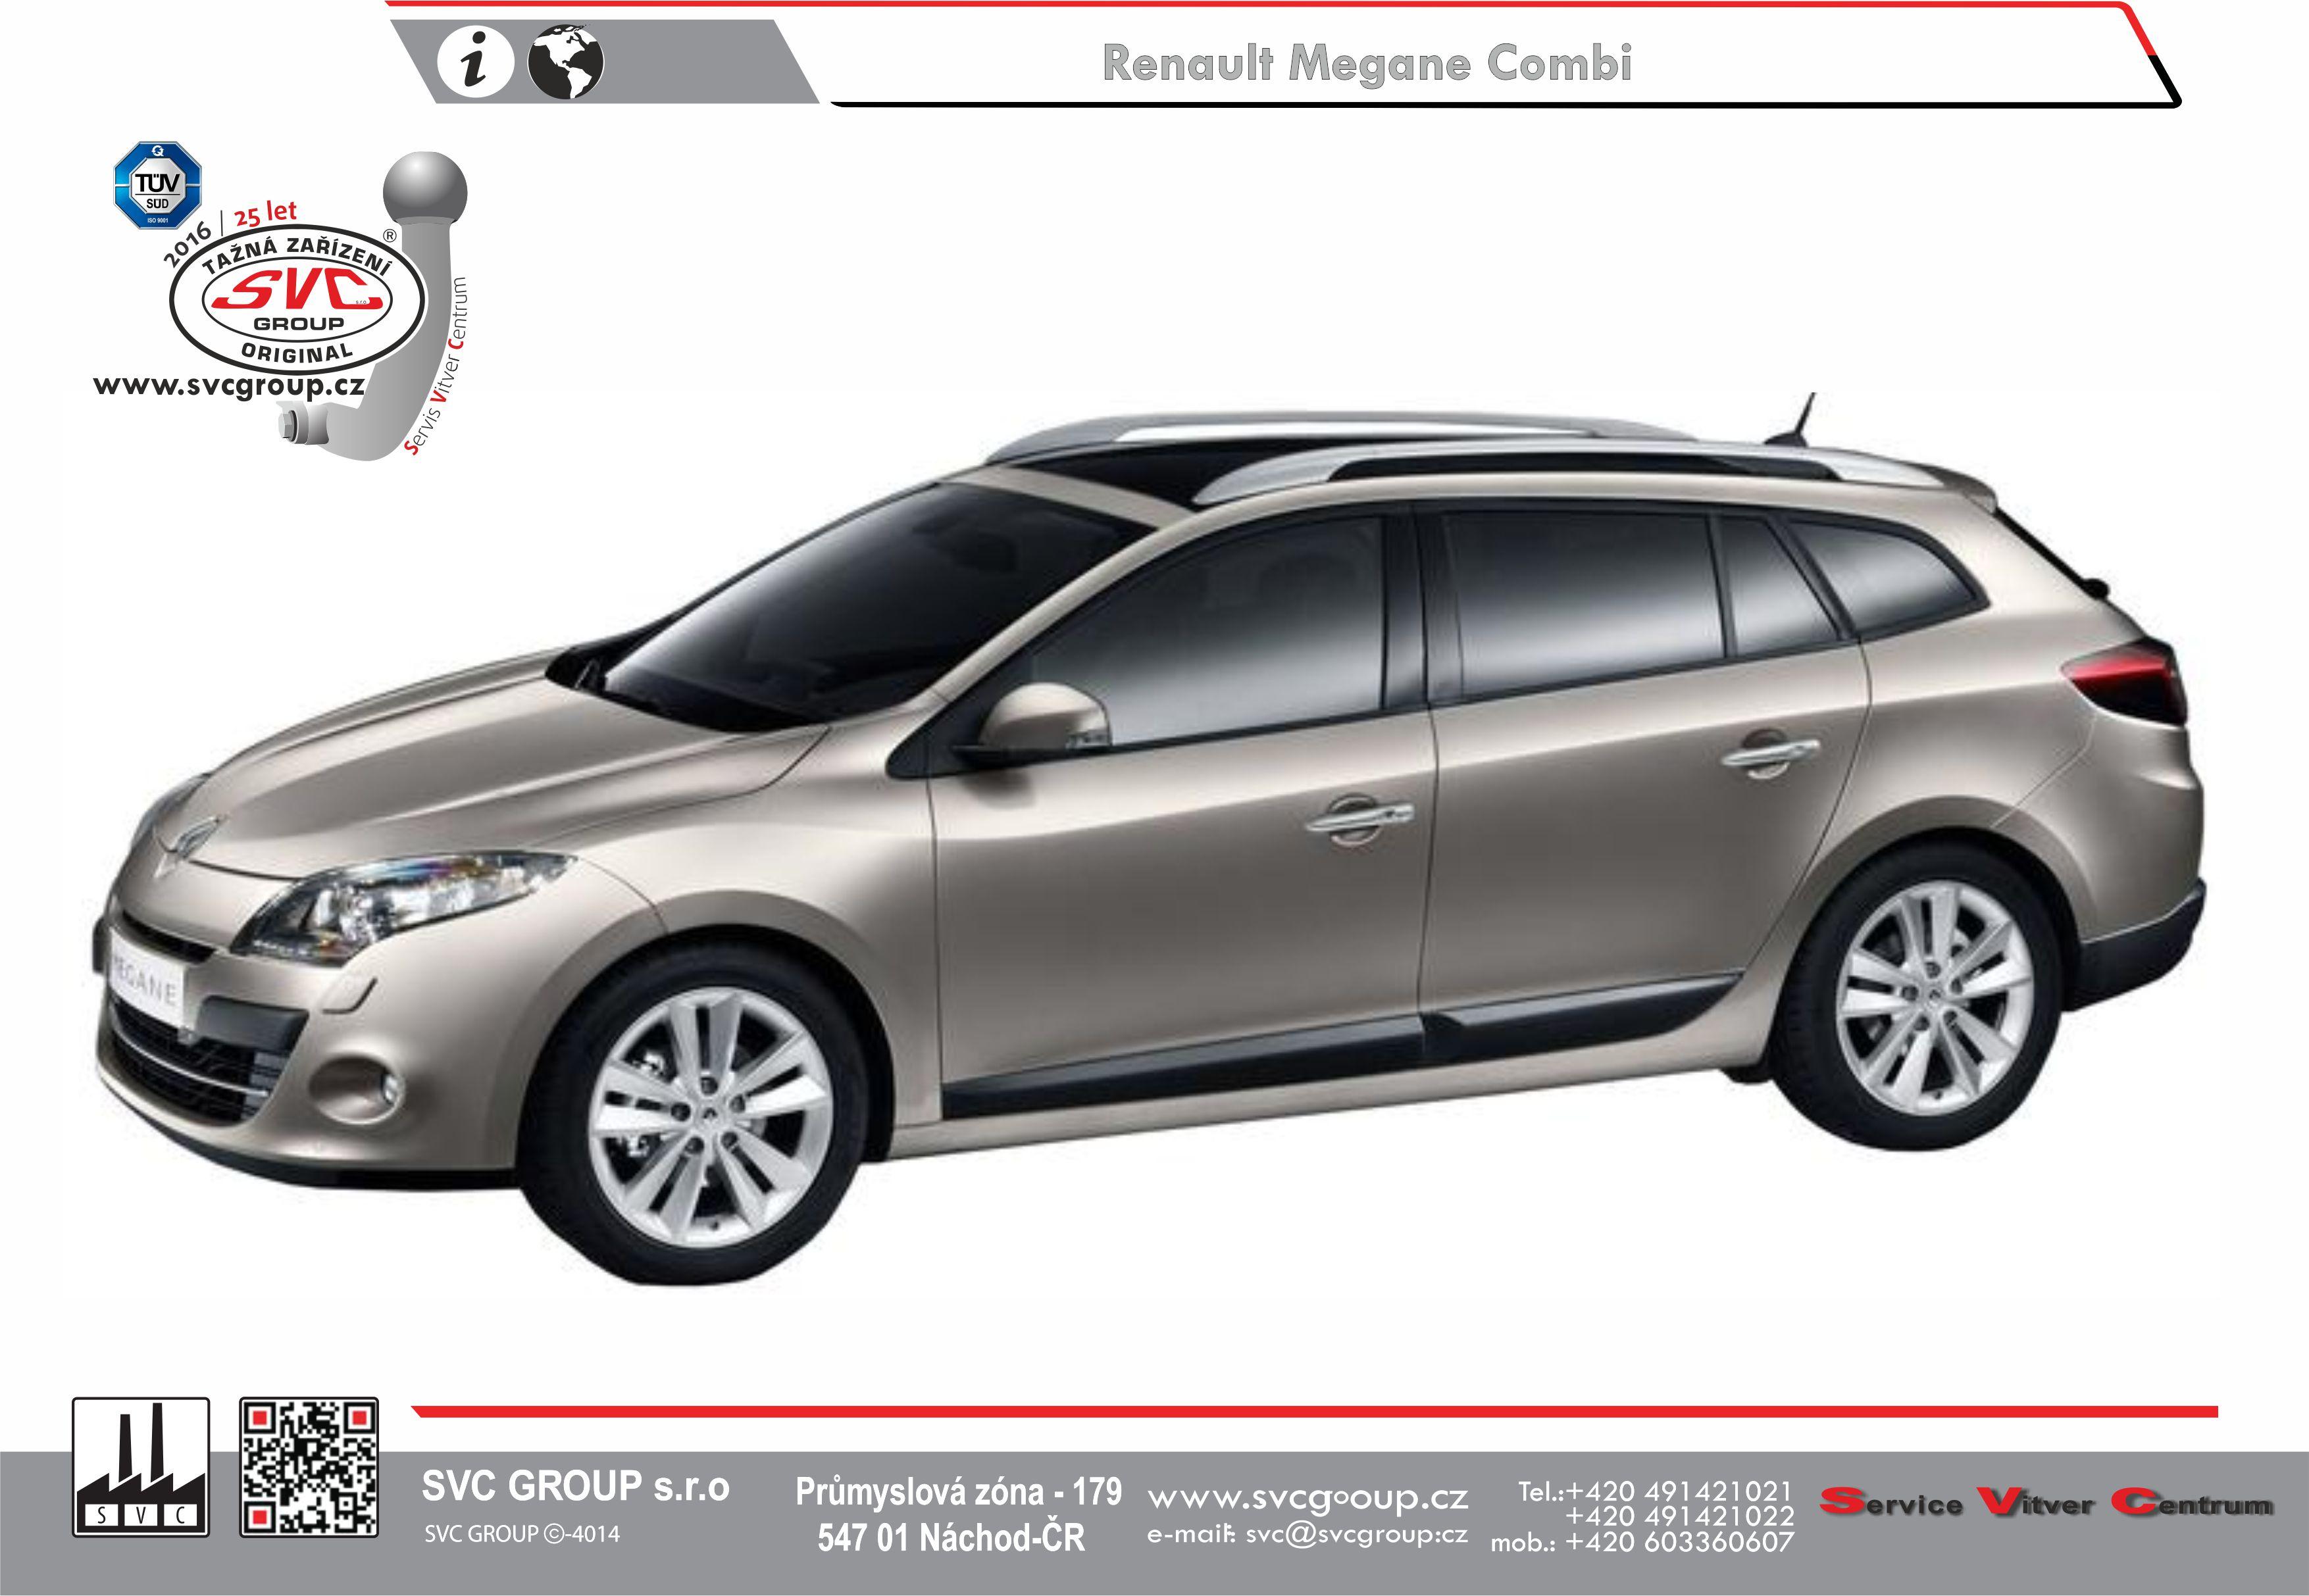 Renault Megane Kombi